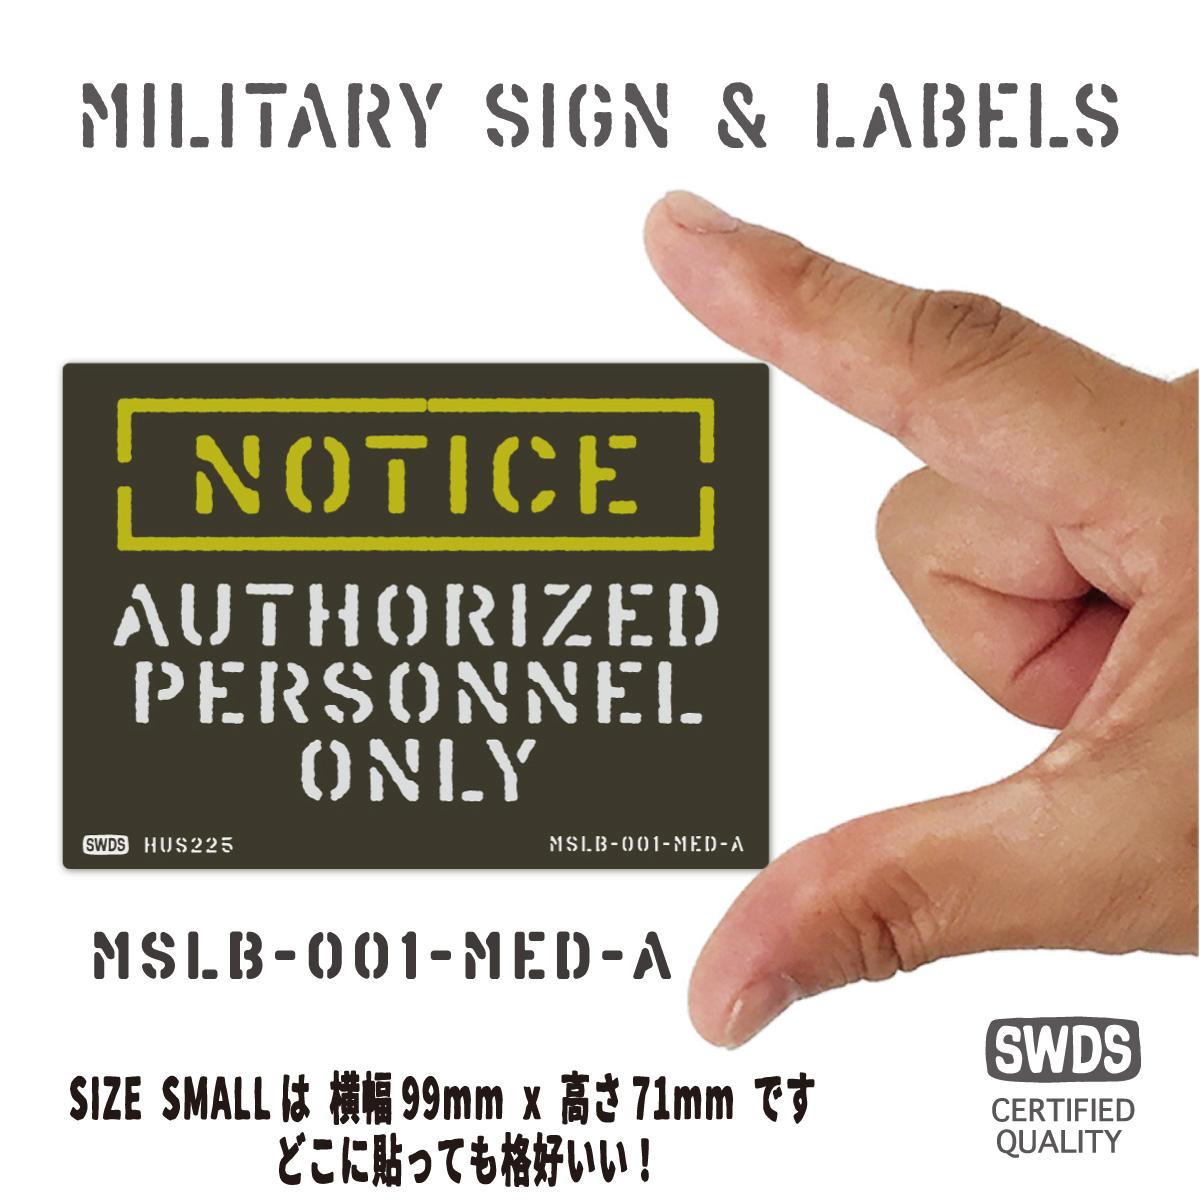 MSLB-001-MED-A